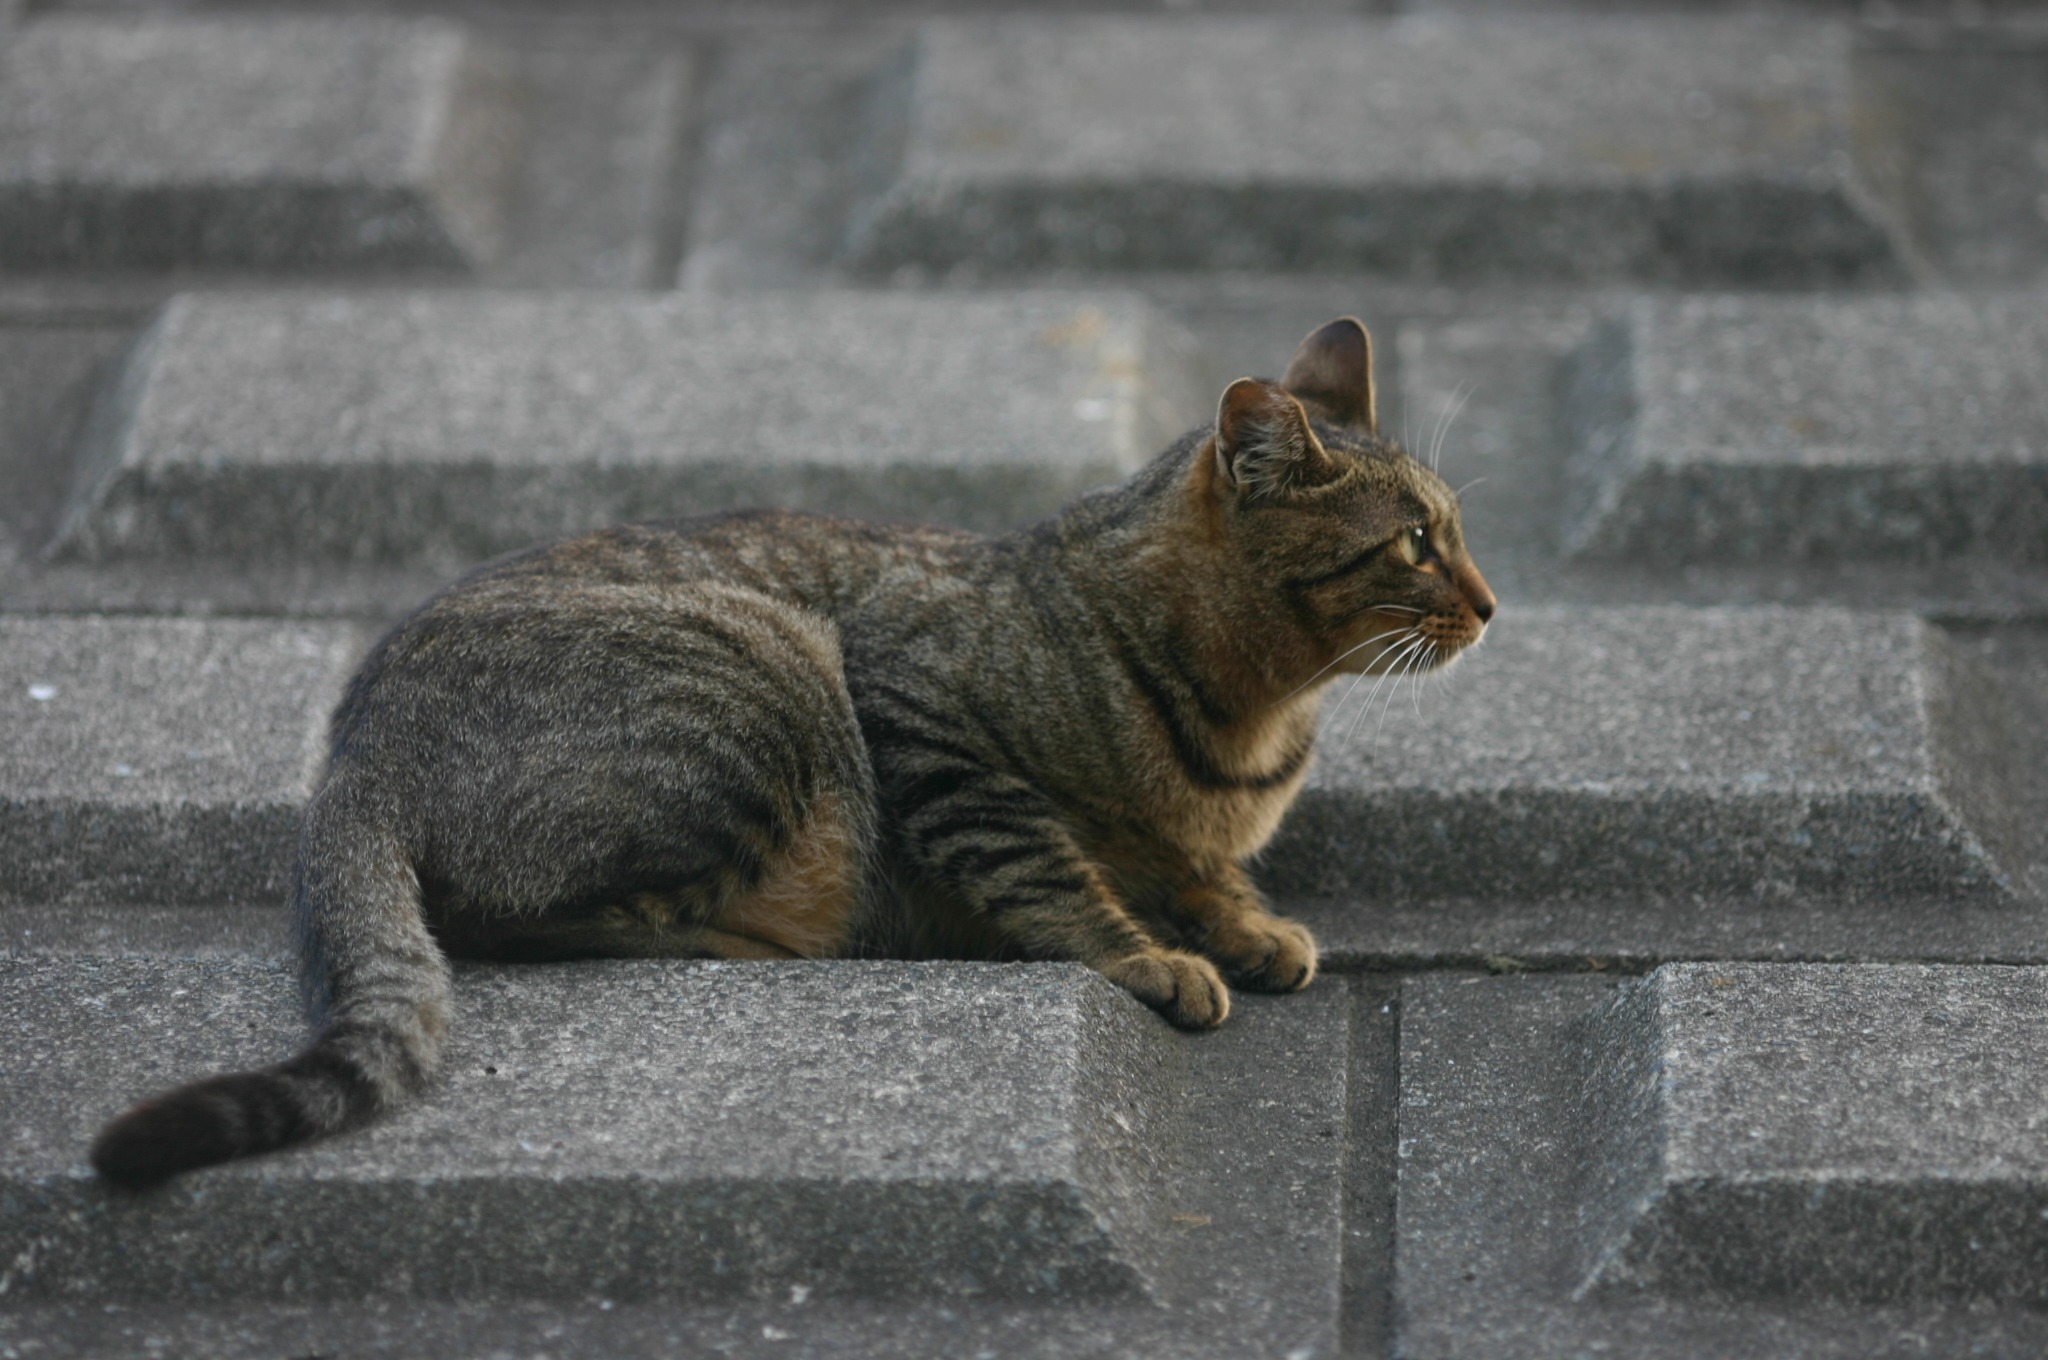 気を取られる猫